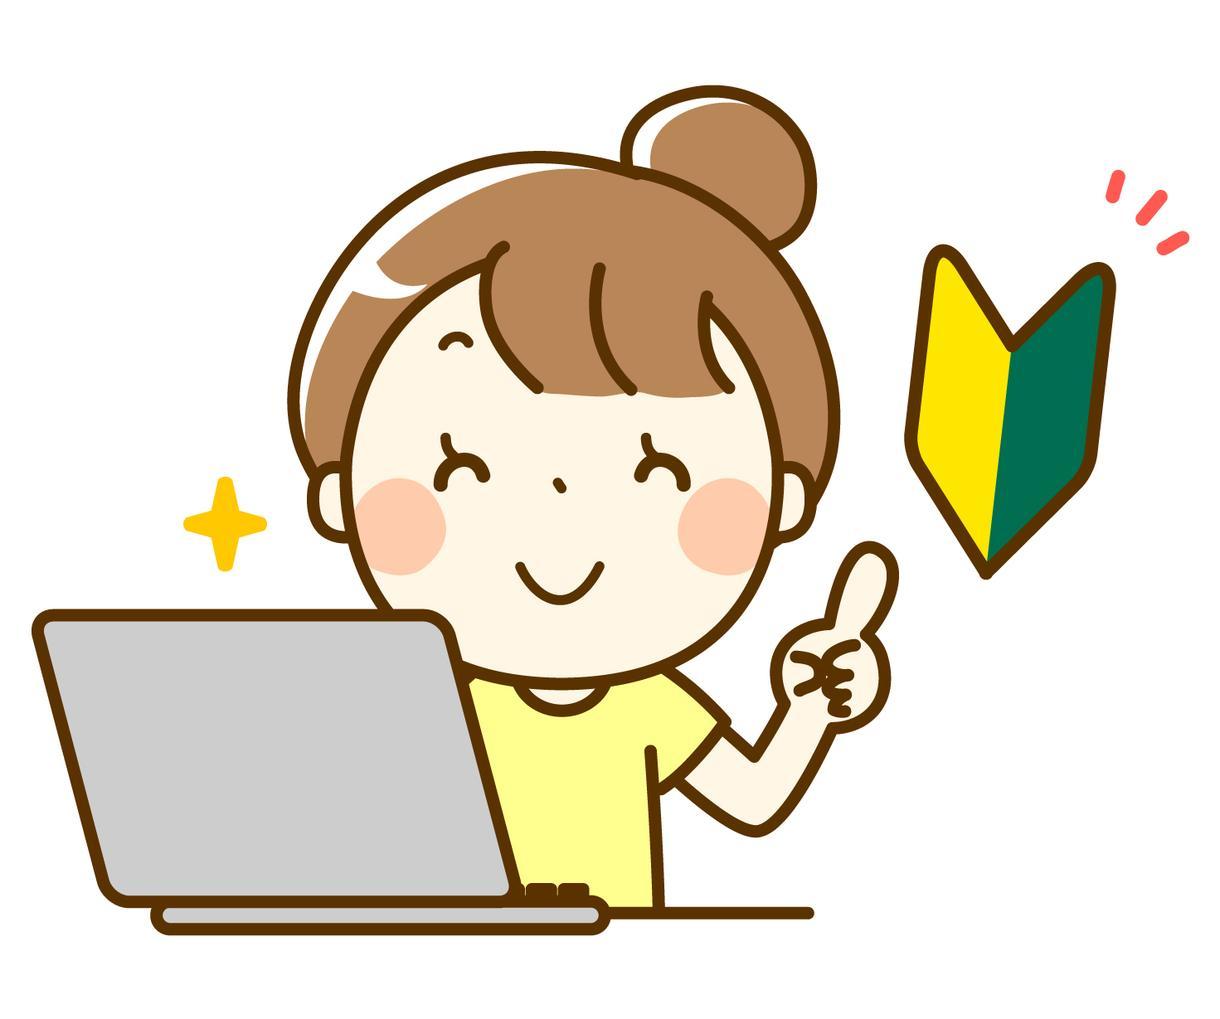 ワードプレスで本格的なブログを立ち上げます WordPressでブログを始めたい方に最適